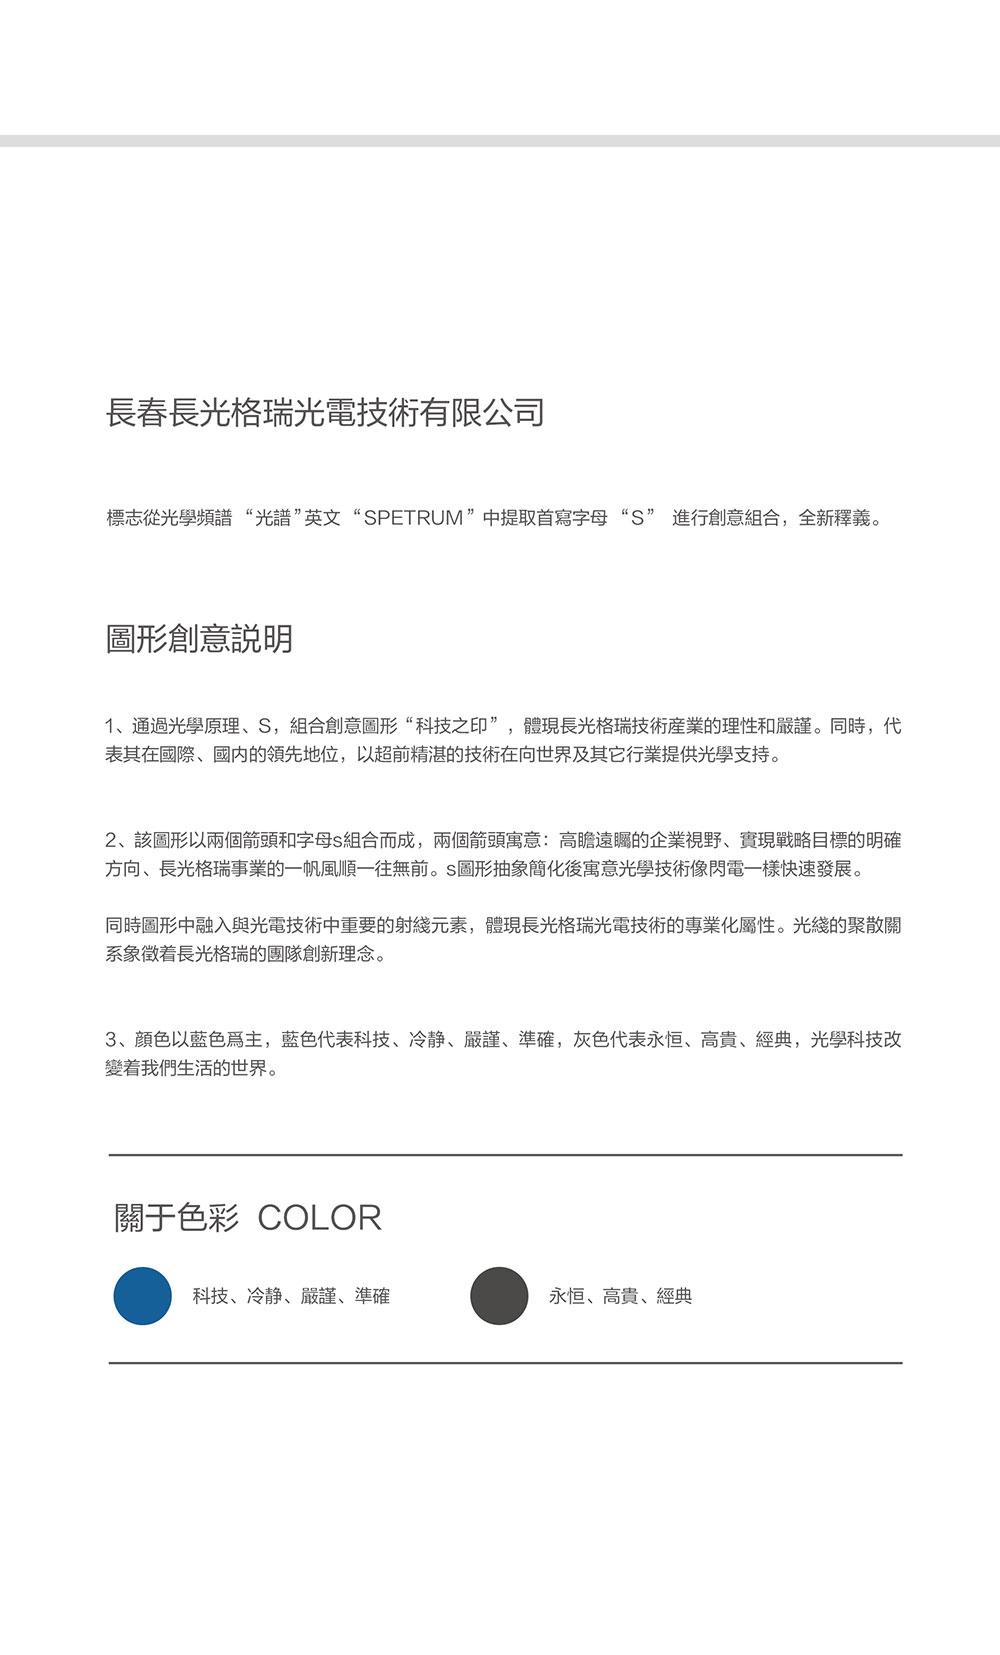 长光格瑞VI基础系统-04.jpg